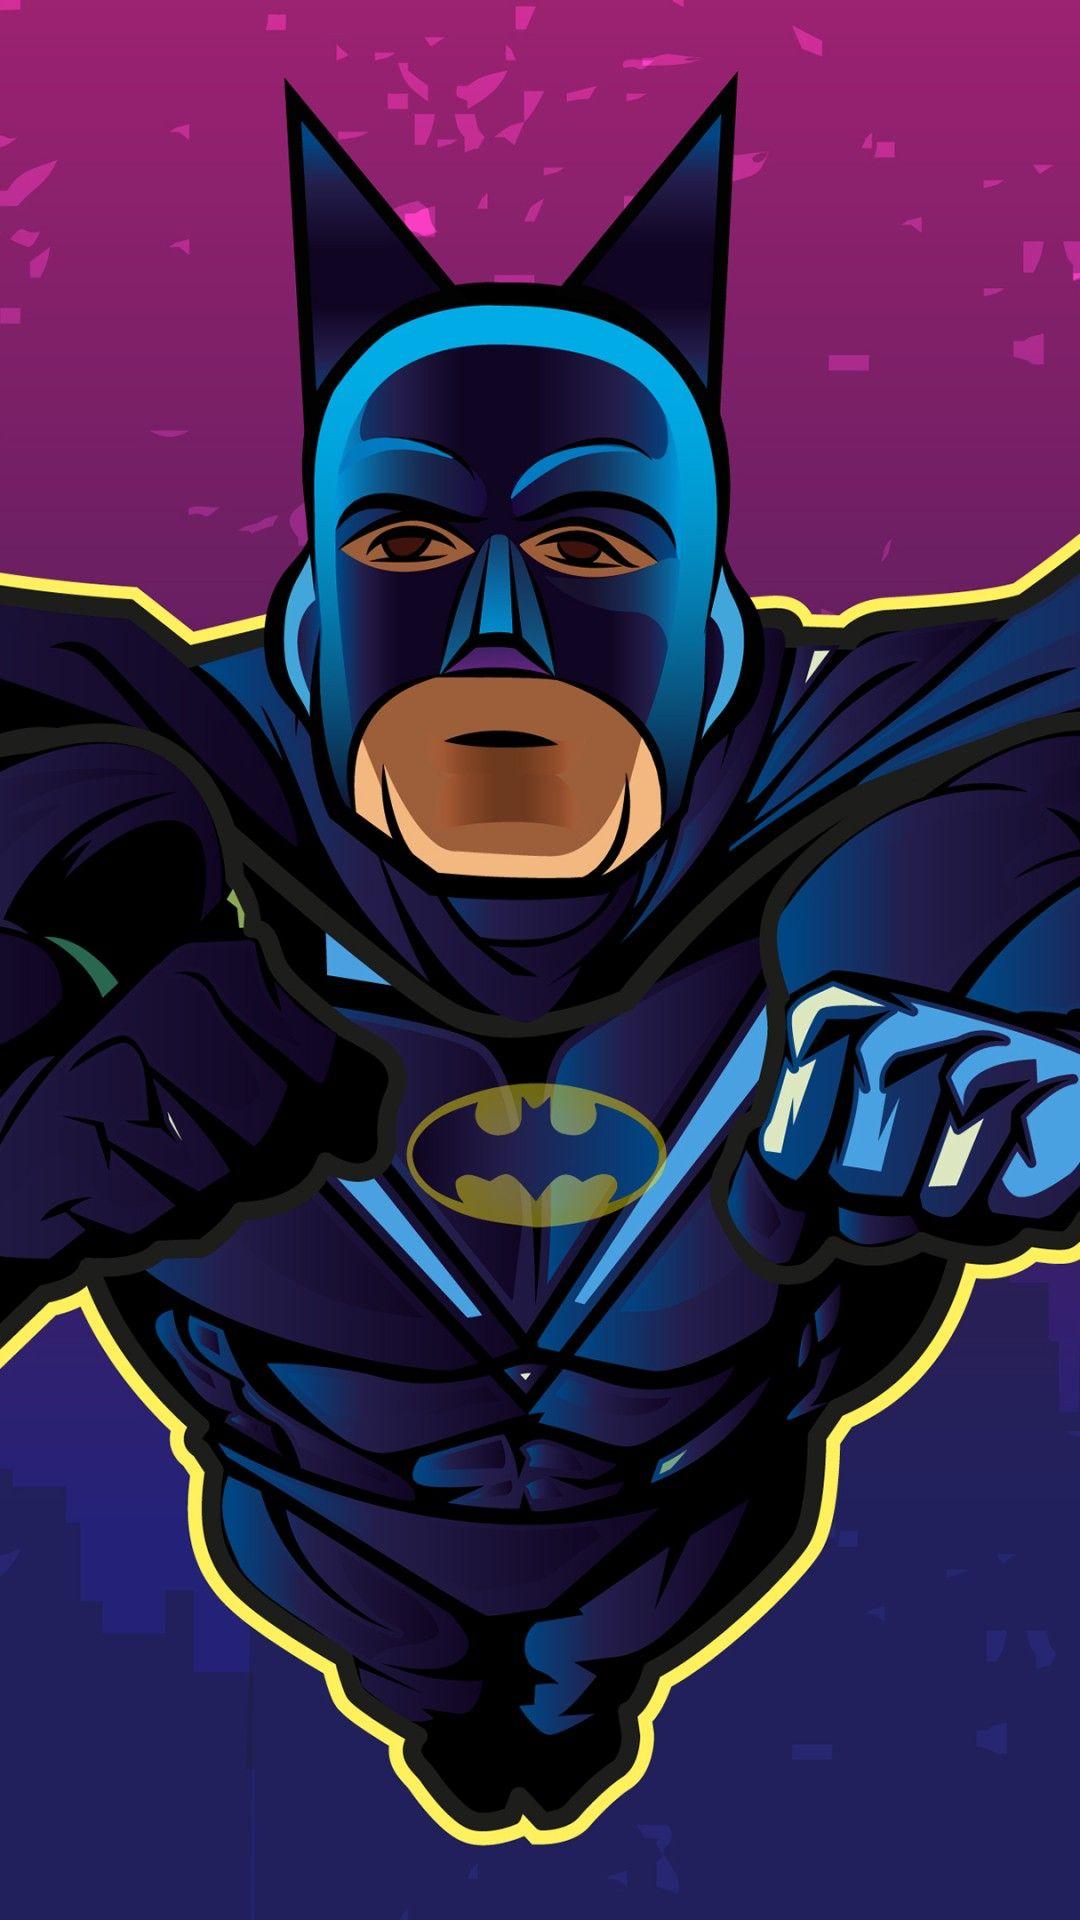 Wallpaper Phone - Batman Full HD